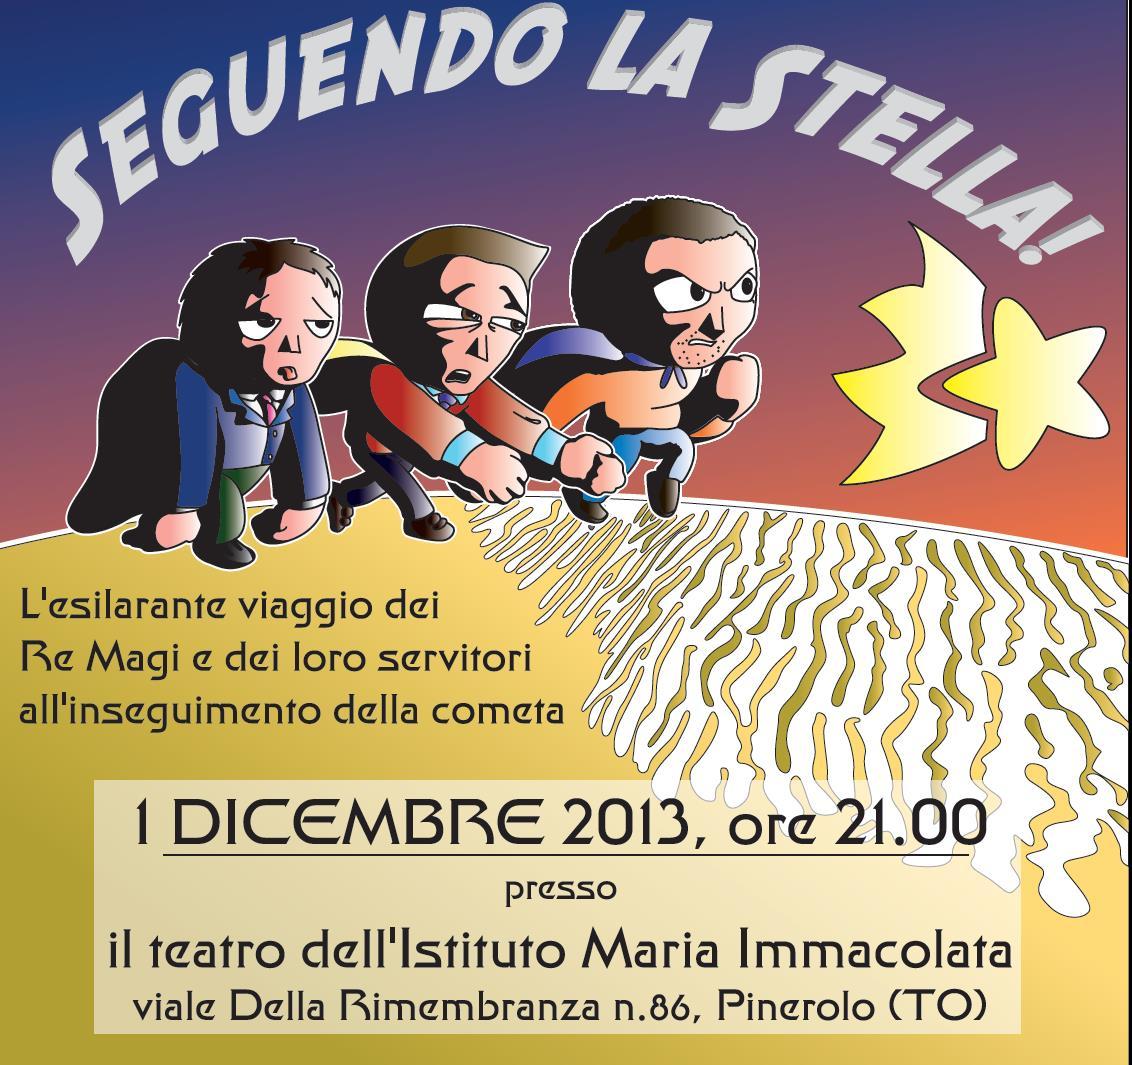 Pinerolo. Domenica 1 dicembre spettacolo teatrale benefico all'IMI